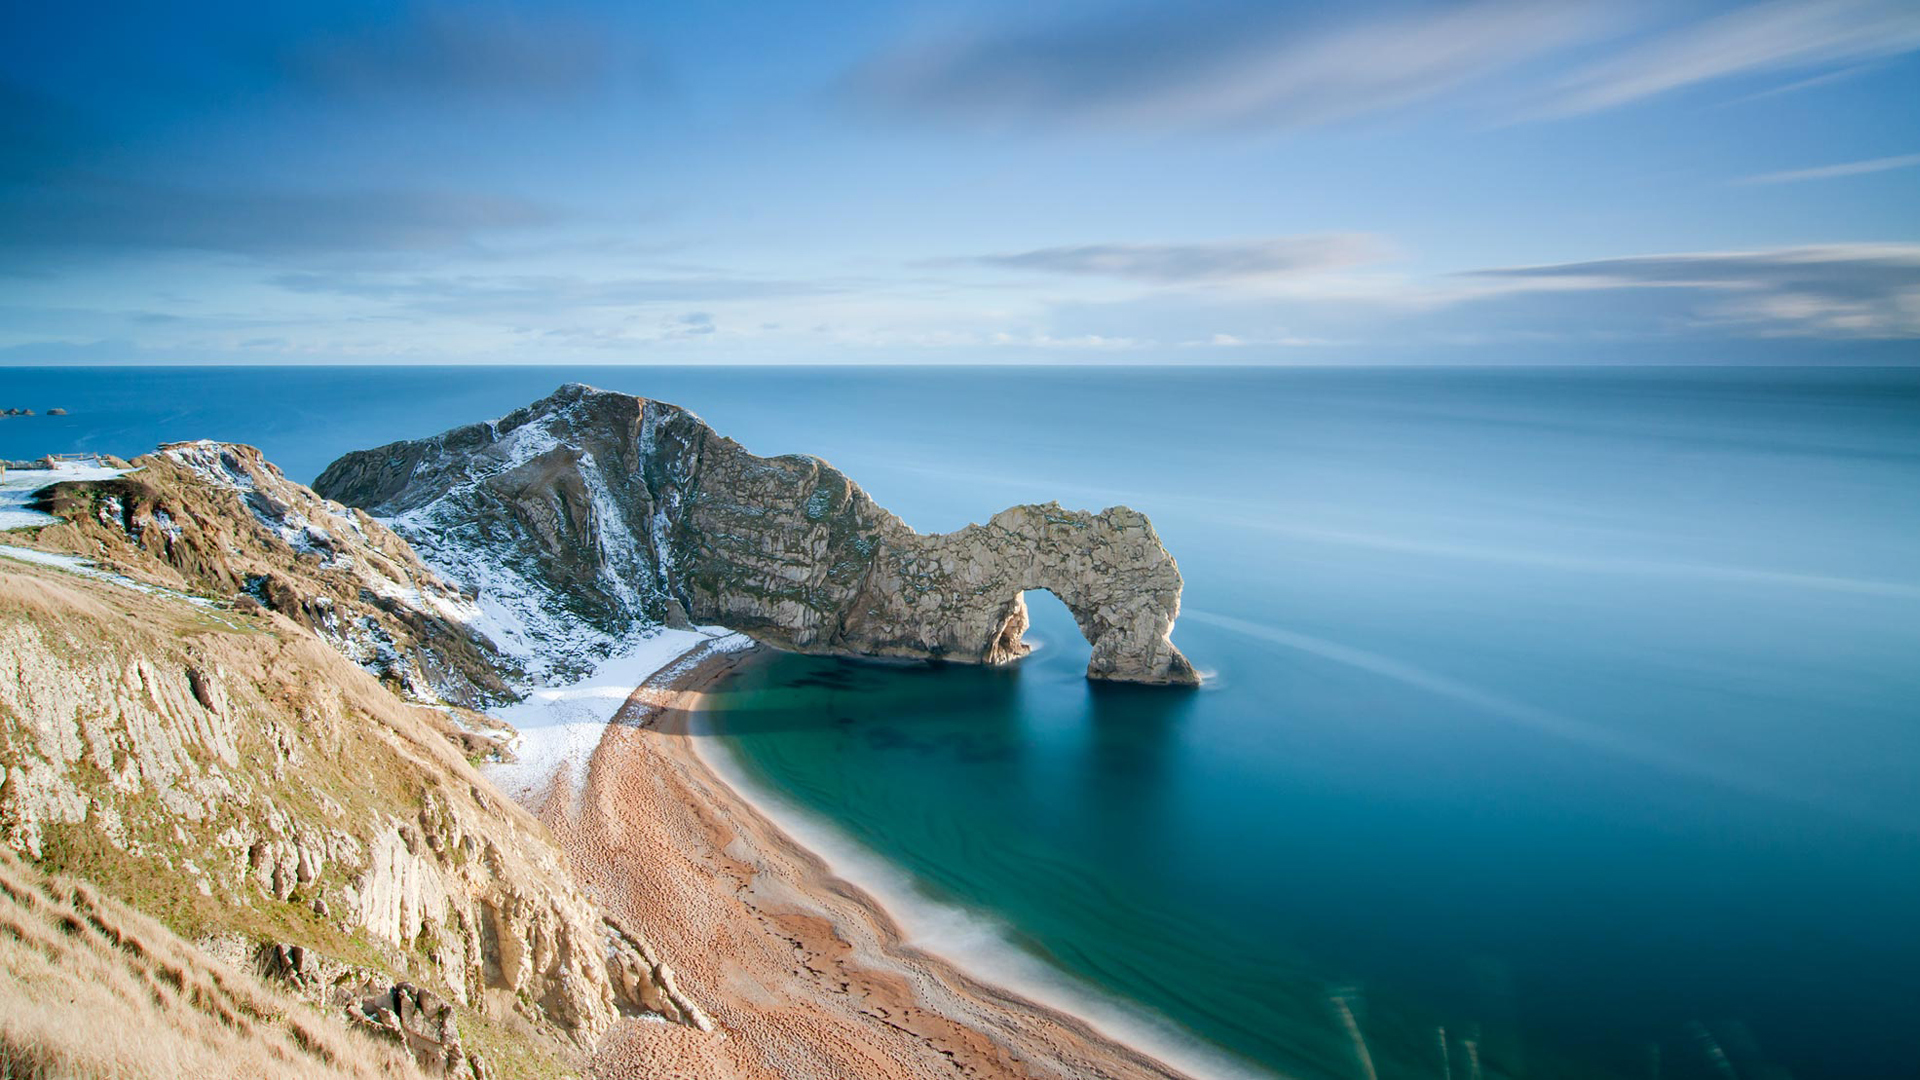 Sfondi Hd Mare Inghilterra E Roccia Sfondi Hd Gratis